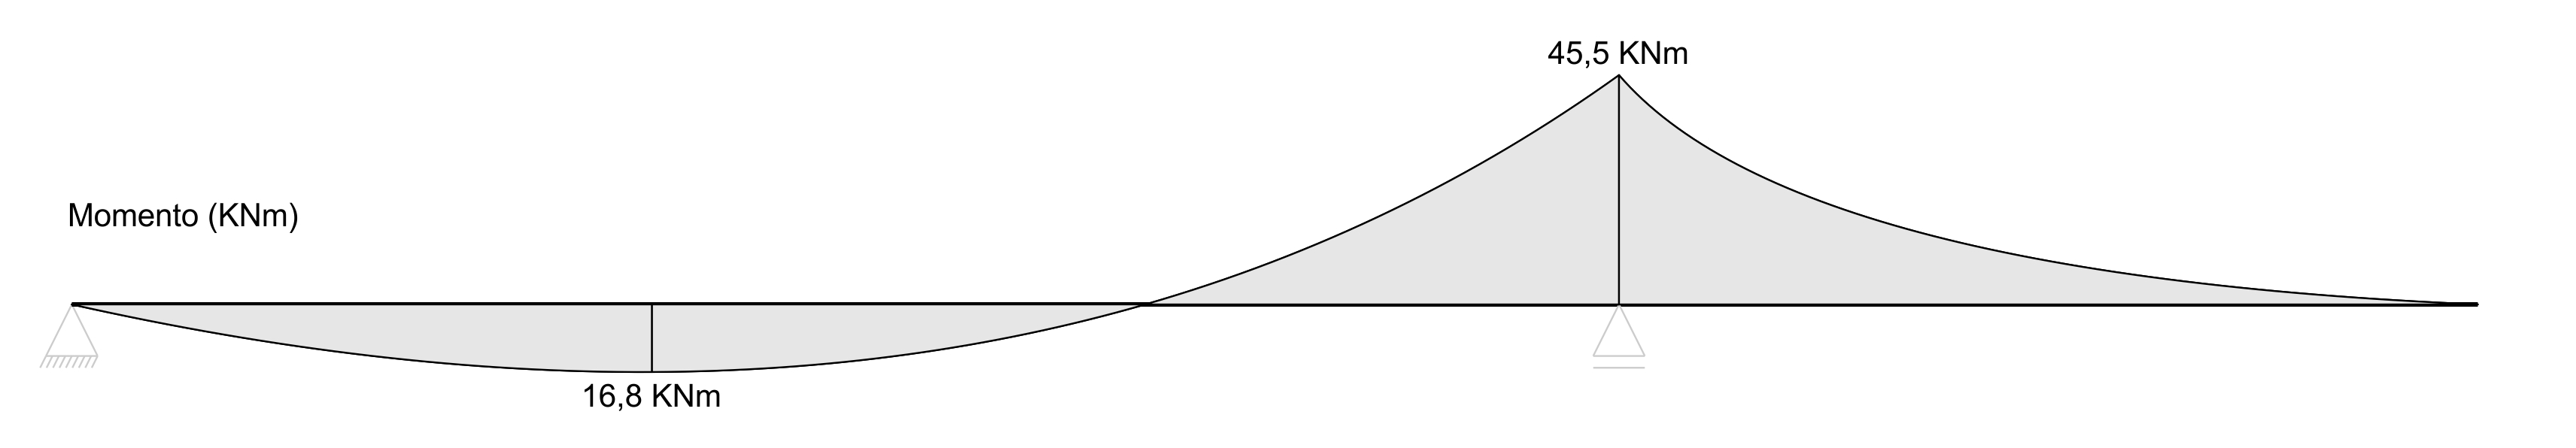 Exemplo 2.3